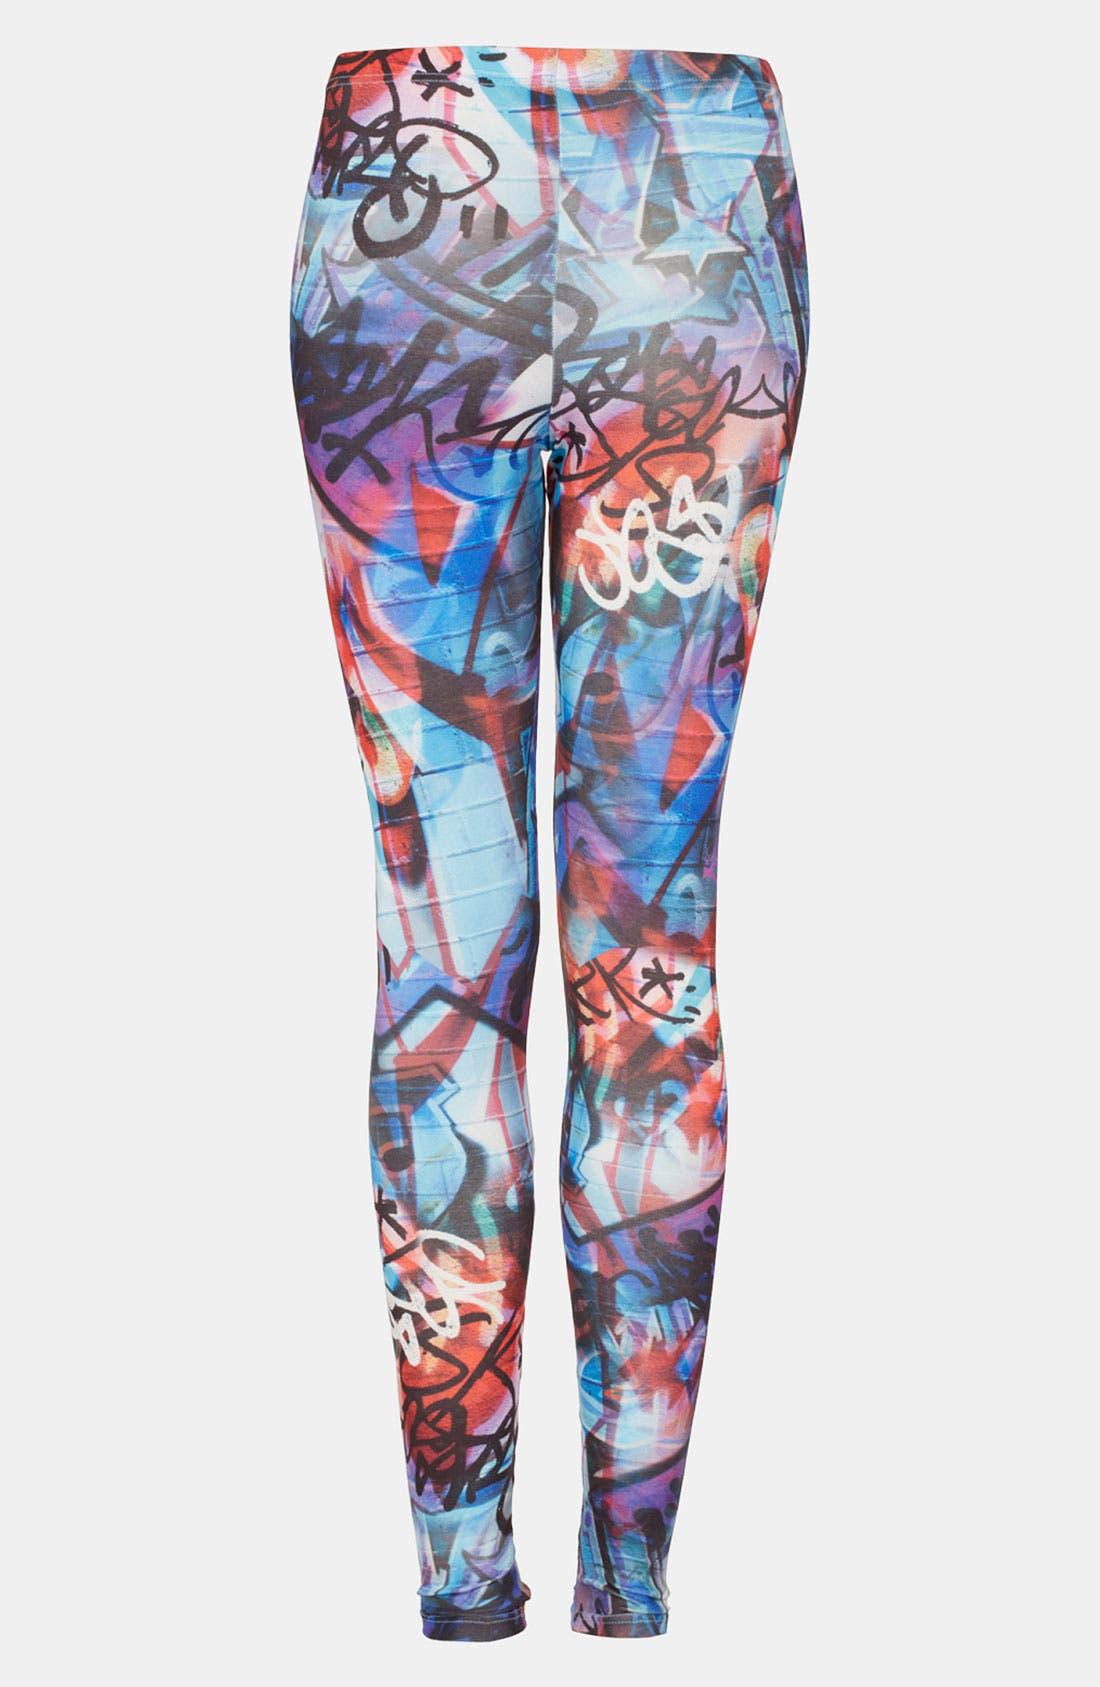 Main Image - Topshop 'Graphic Graffiti' Print Leggings